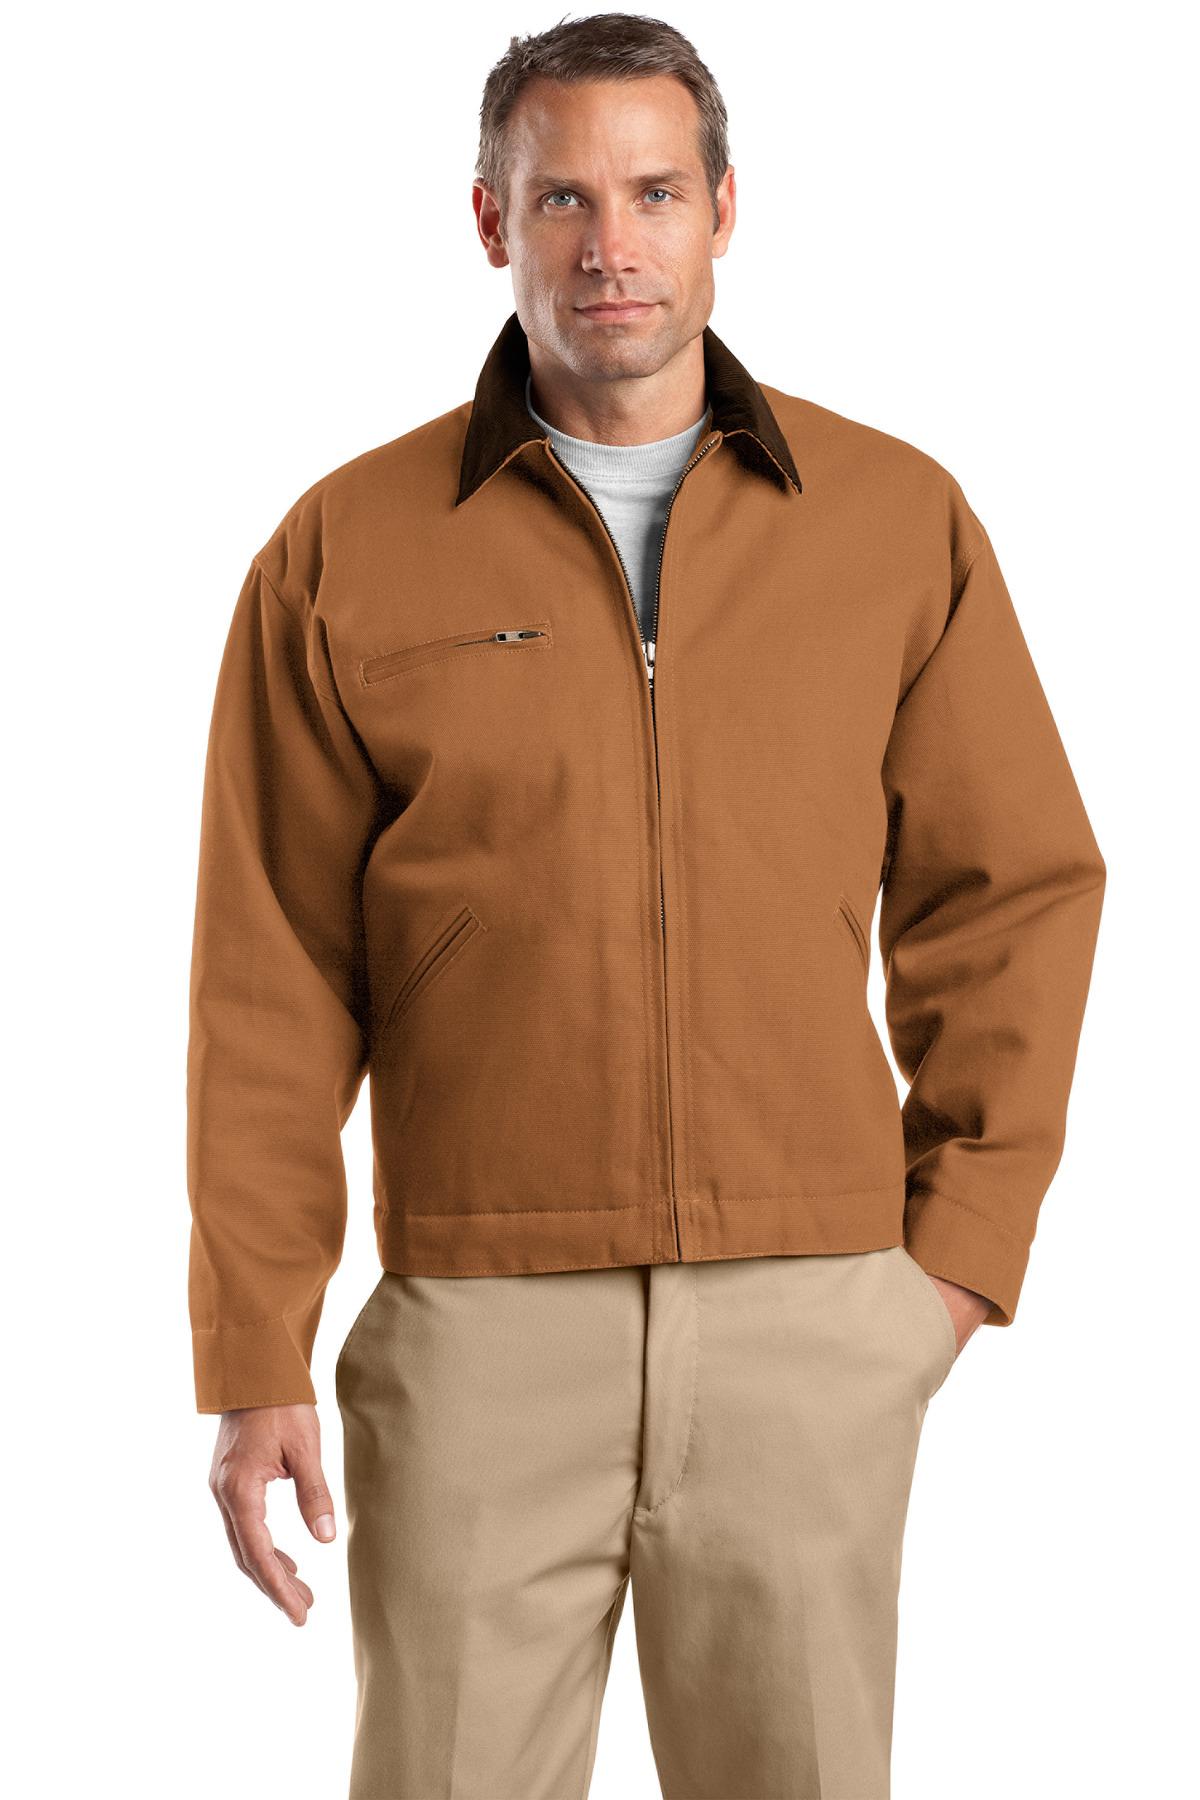 Outerwear-Work-Jackets-6